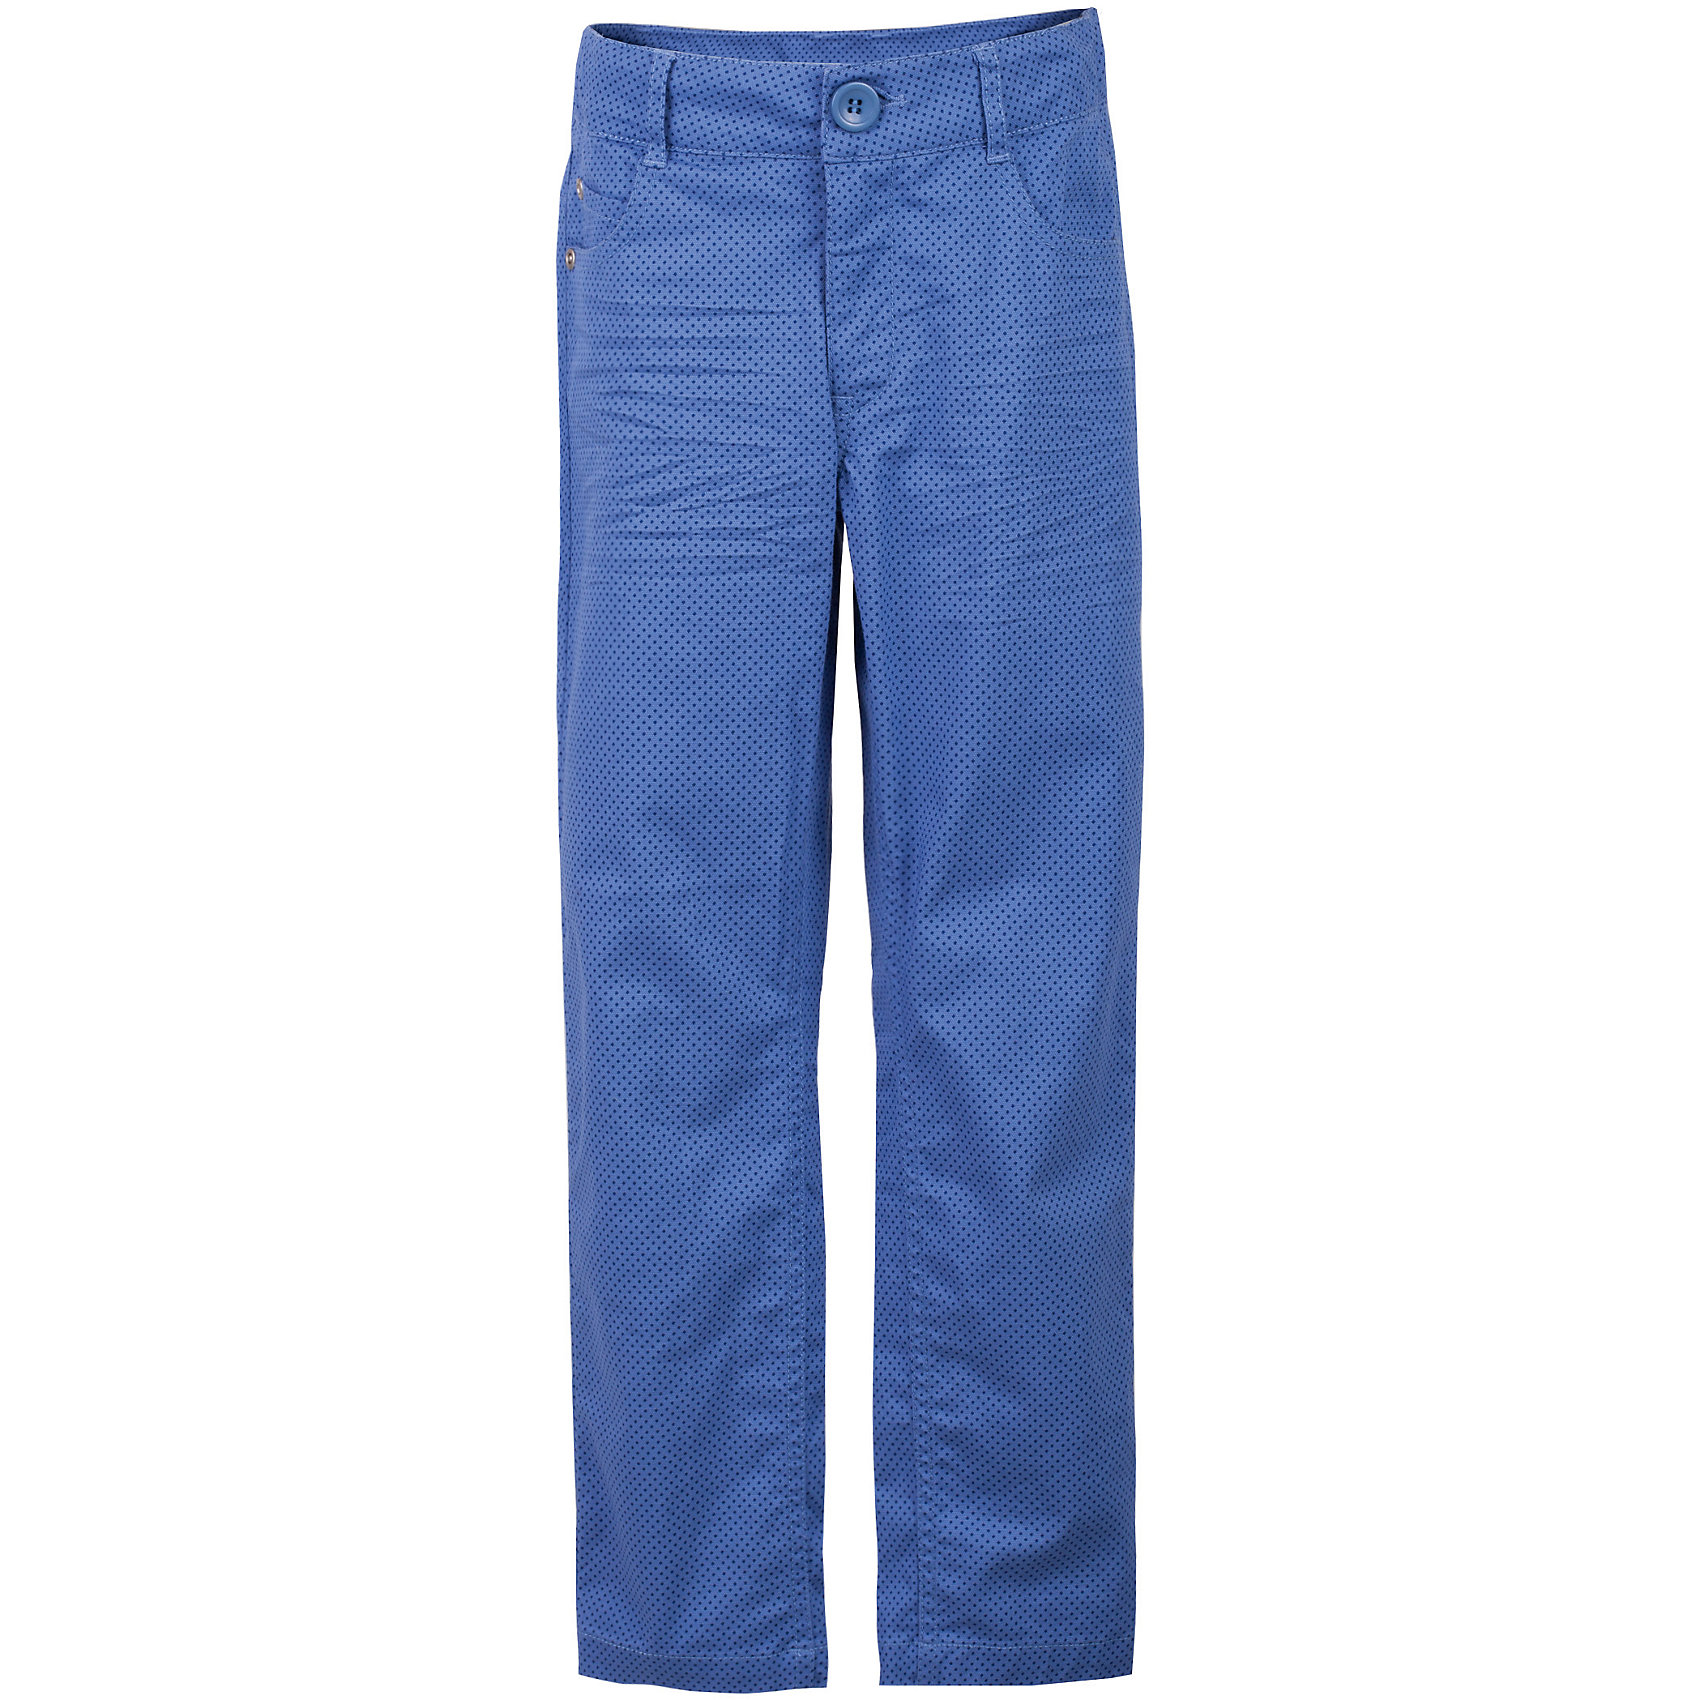 Брюки для мальчика GulliverБрюки<br>Несмотря на то, что джинсы по-прежнему занимают в гардеробе ребенка лидирующее место, текстильные брюки для мальчика никто не отменял! Везде, где джинсы неуместны или просто хочется разнообразия,  оригинальные голубые брюки  помогут создать прекрасный look. Модный мелкий рисунок придает модели особый шарм. Темно-голубой  цвет выглядит нарядно, благородно, изысканно! Если вы хотите купить детские брюки, которые подчеркнут стиль и индивидуальность вашего ребенка, эти классные брюки для мальчика с фирменной брендированной фурнитурой - лучшее решение для модного лета!<br>Состав:<br>98% хлопок      2% эластан<br><br>Ширина мм: 215<br>Глубина мм: 88<br>Высота мм: 191<br>Вес г: 336<br>Цвет: голубой<br>Возраст от месяцев: 72<br>Возраст до месяцев: 84<br>Пол: Мужской<br>Возраст: Детский<br>Размер: 122,140,134,128<br>SKU: 5482975